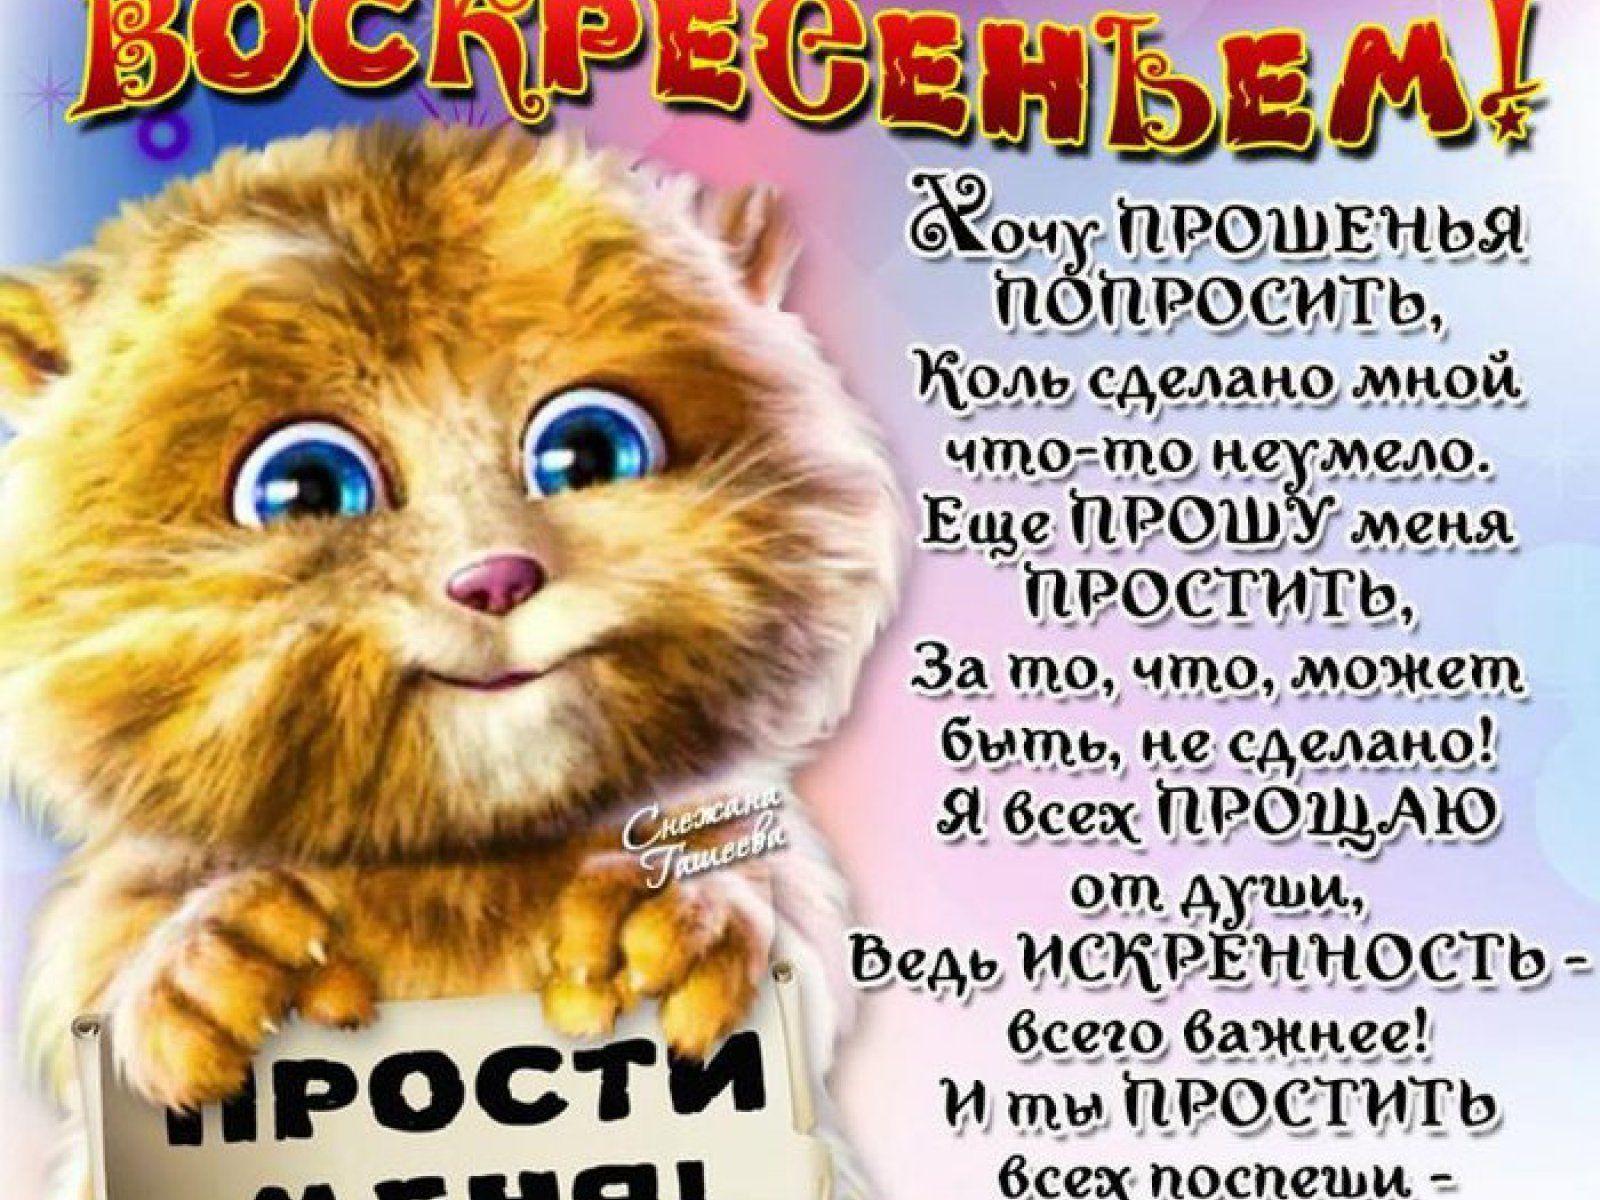 Смс в прощеное воскресенье 2020 – поздравления и православные картинки